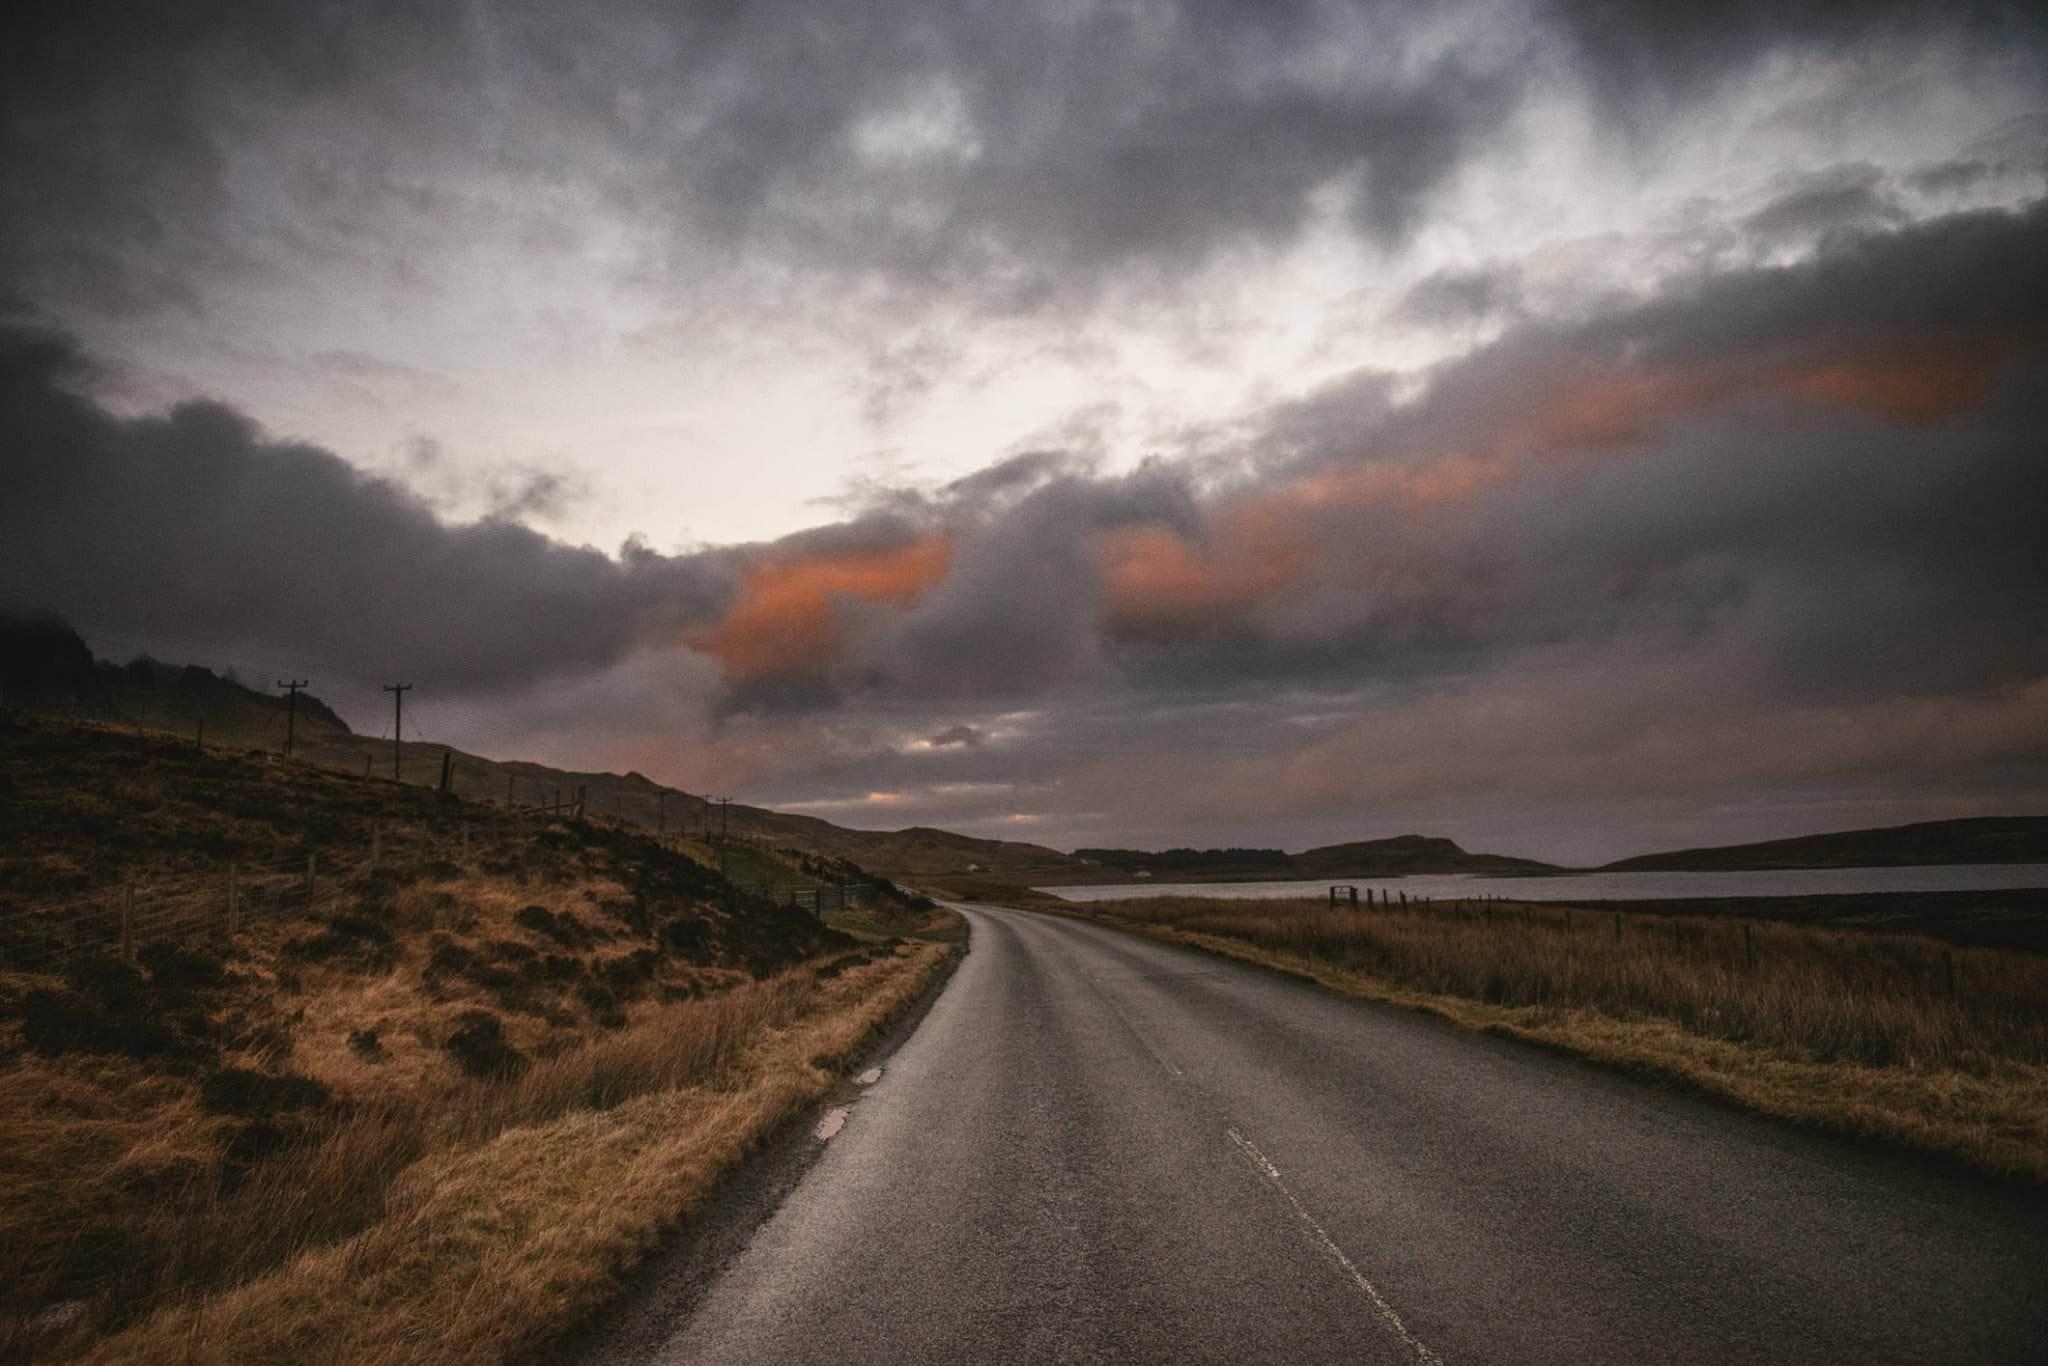 A roadtip adventure in Ireland